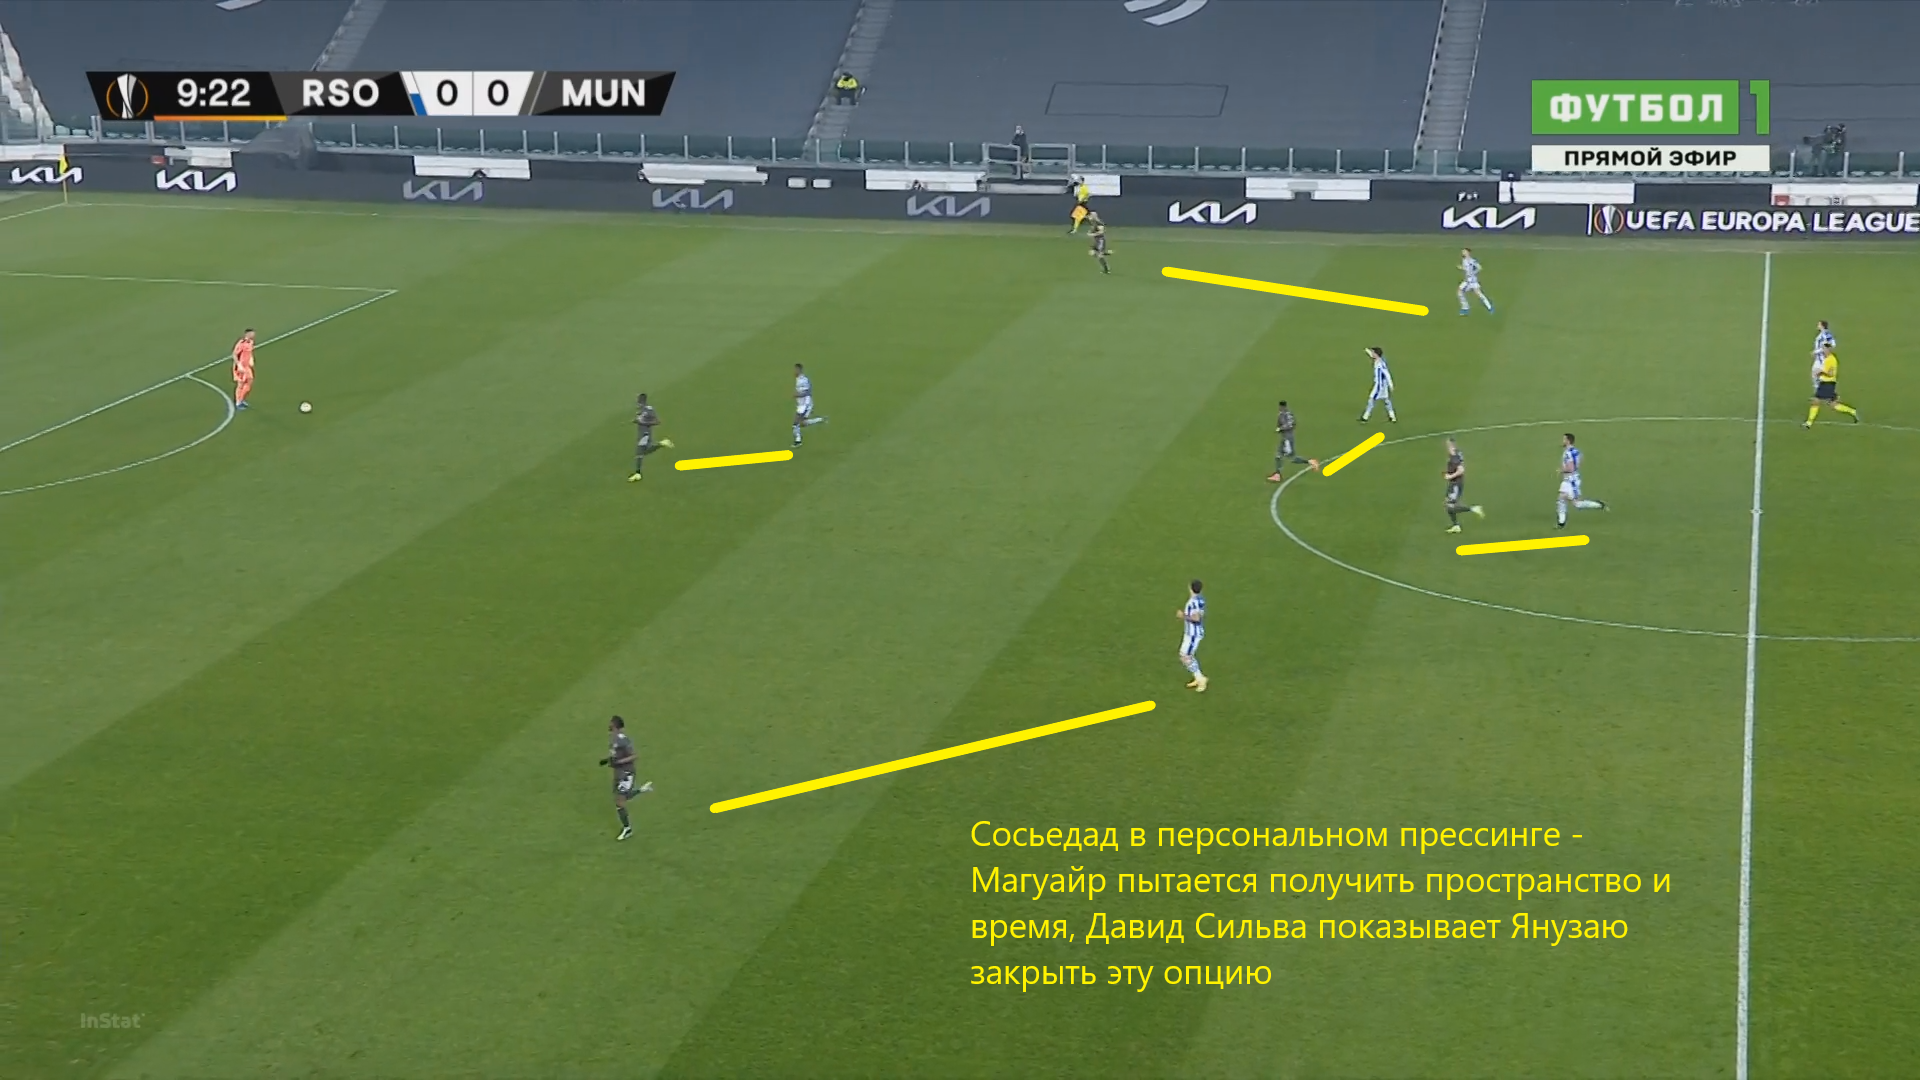 Реал Сосьедад - МЮ: тактический разбор